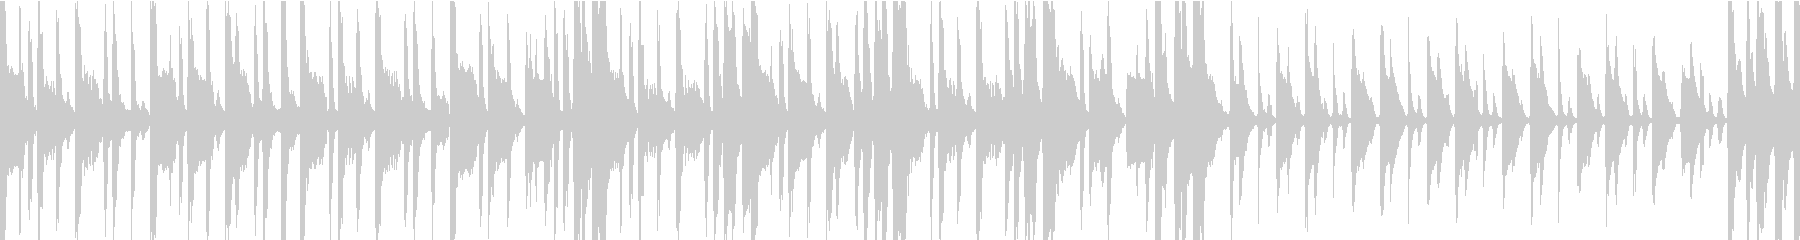 ラテンダンスミュージック/レゲトン...の未再生の波形